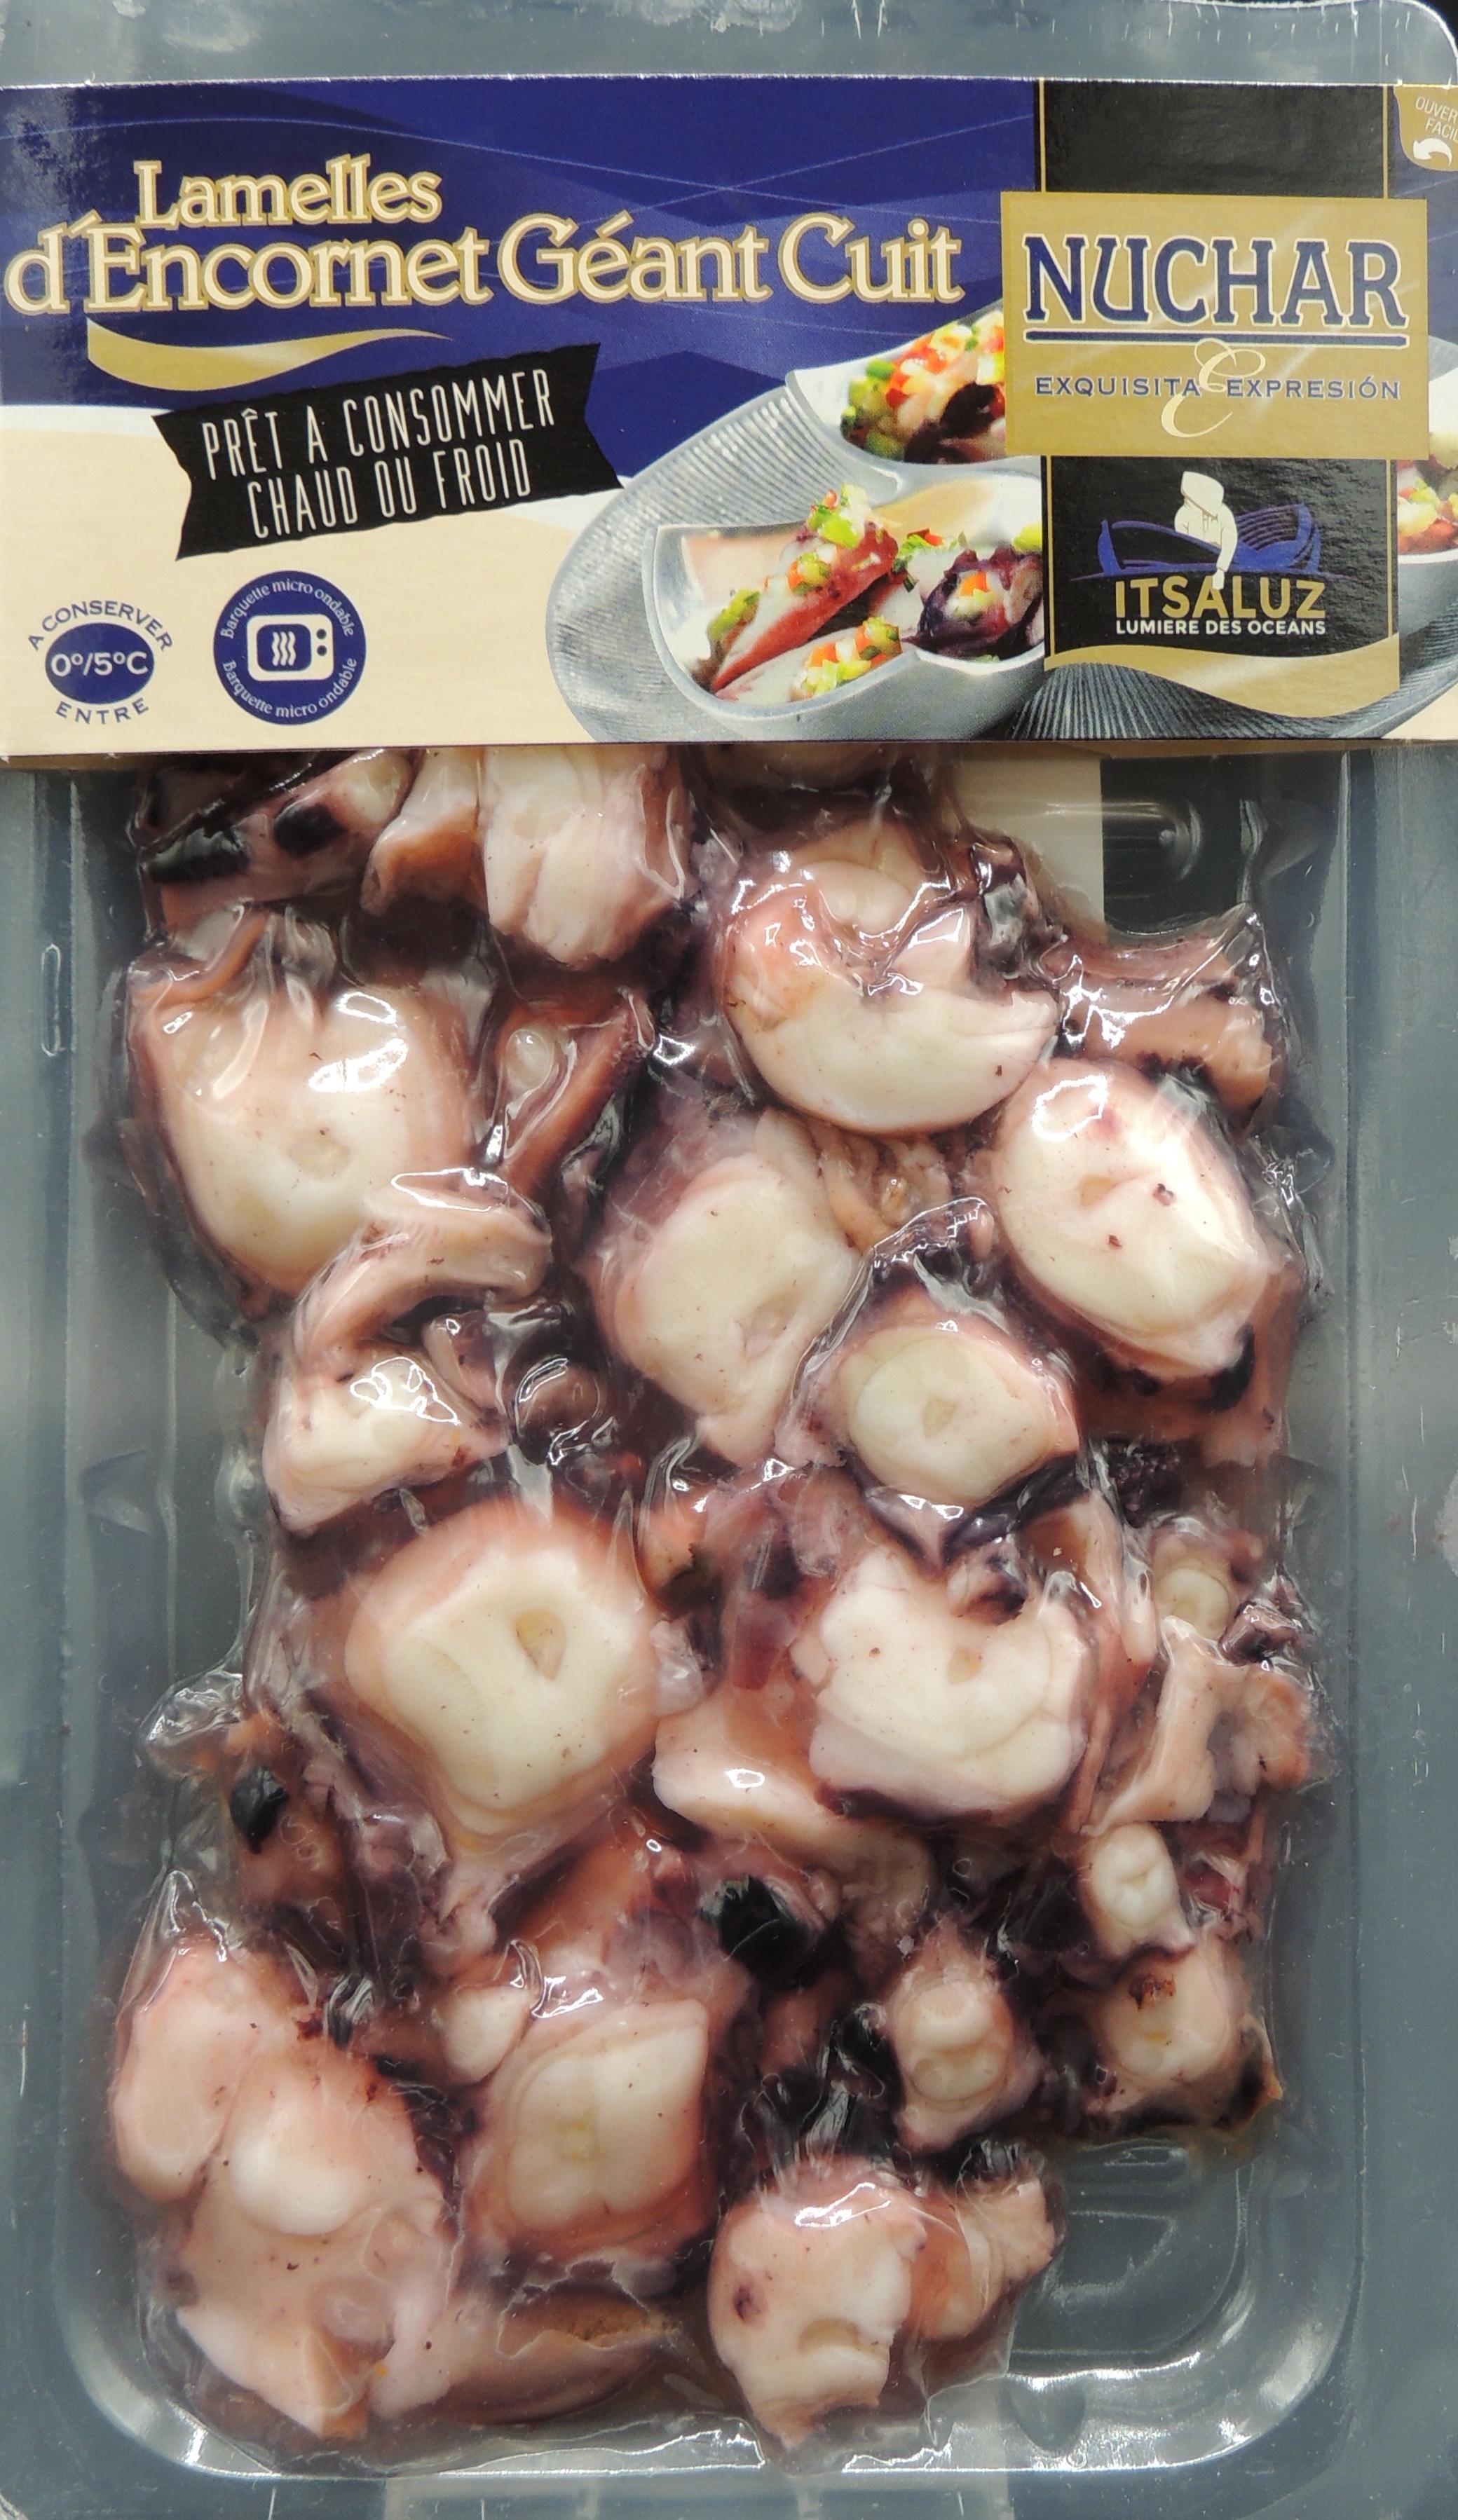 Encornet géant cuit coupe lamelles de tentacules, Nuchar (200 g)